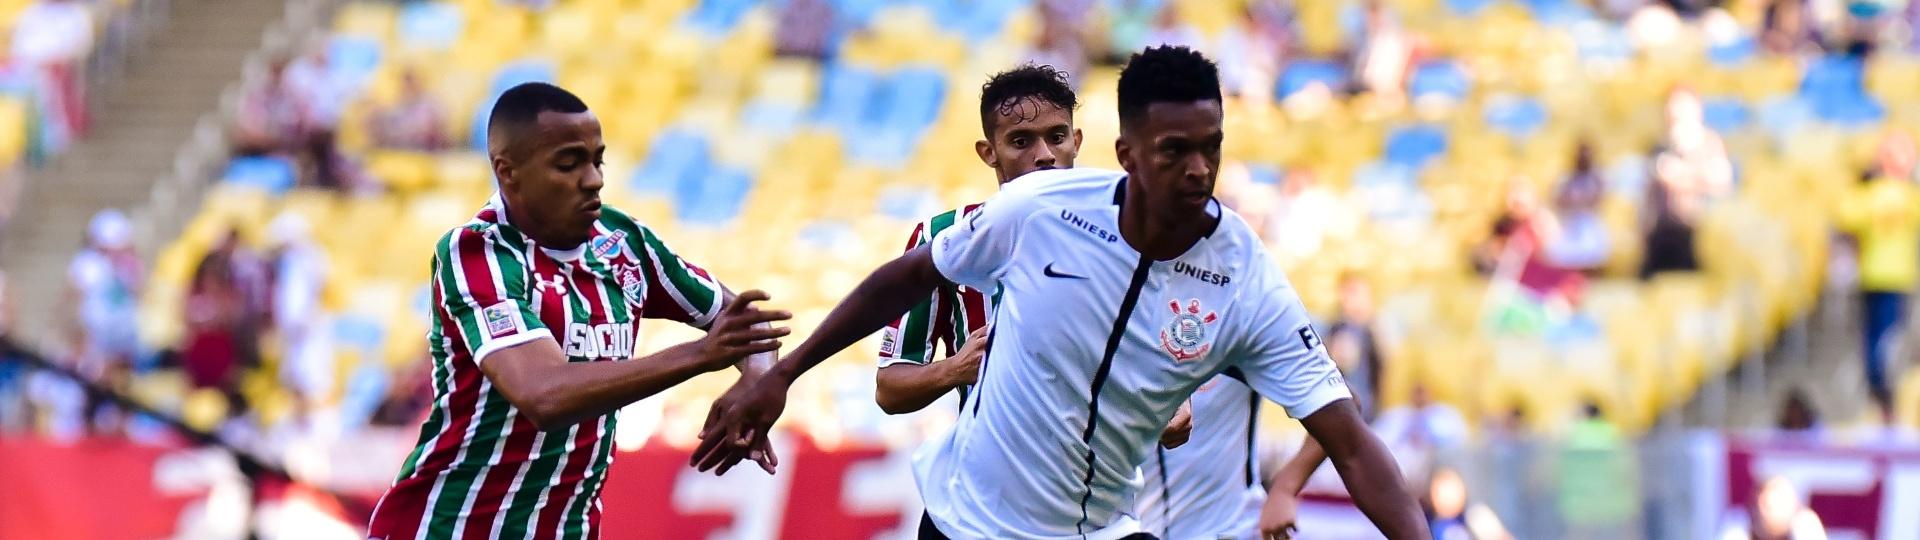 Marlon Freitas e Jô disputam bola em Fluminense x Corinthians pelo Campeonato Brasileiro